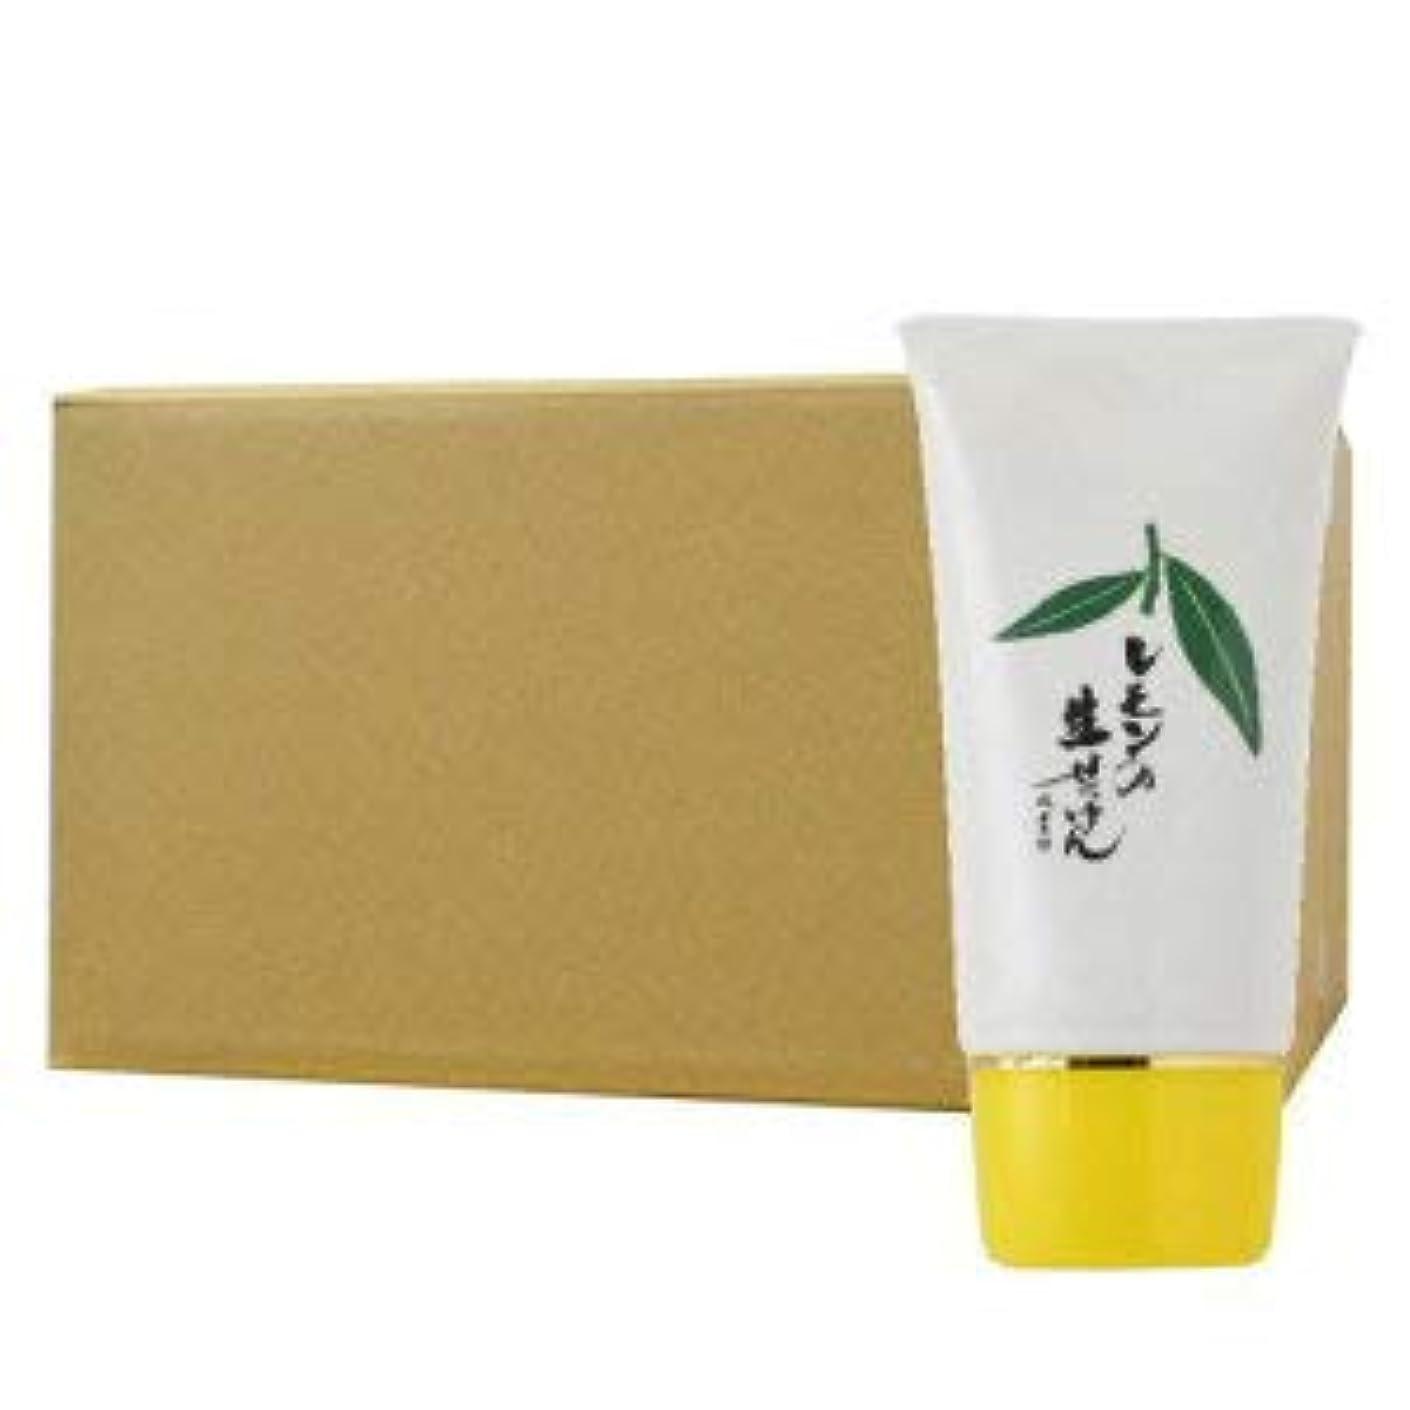 昨日モルヒネ失態UYEKI美香柑レモンの生せっけん70g×60個セット